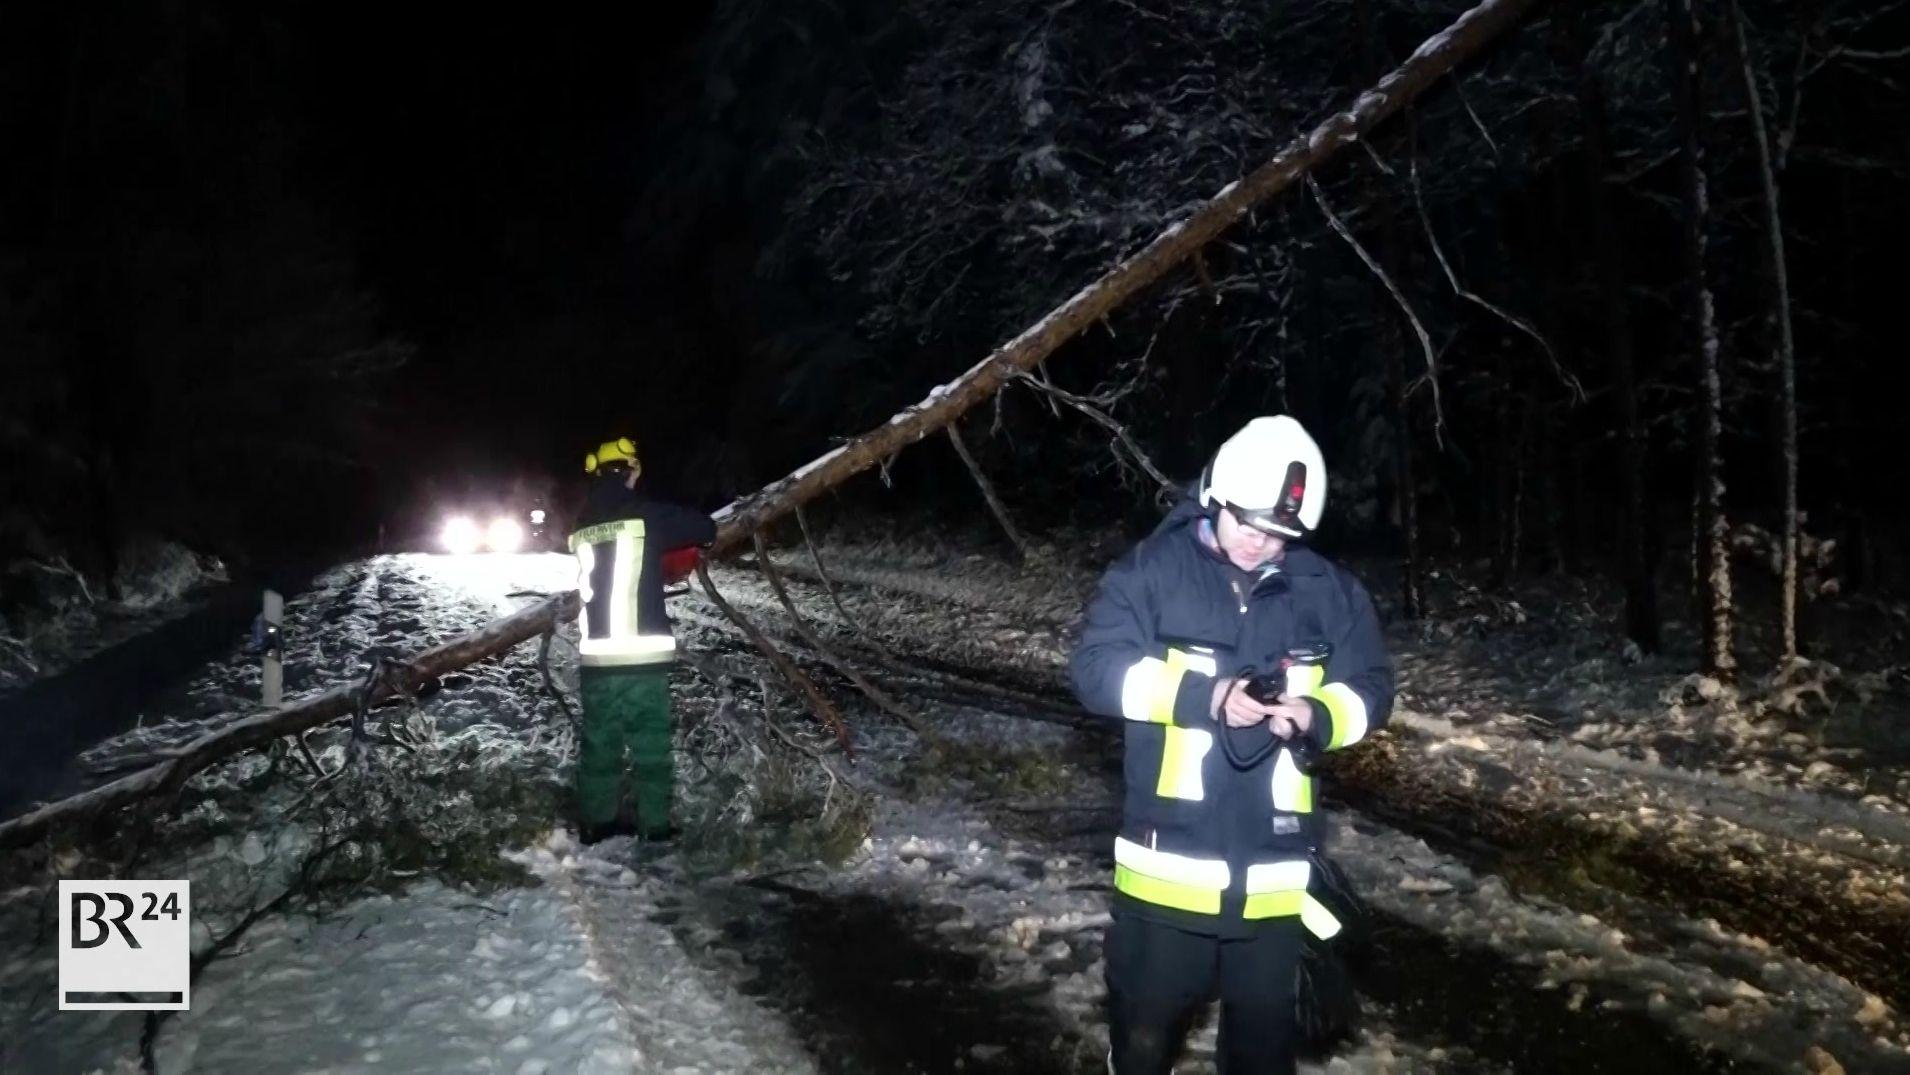 Verkehrslage in Mittelfranken beruhigt sich